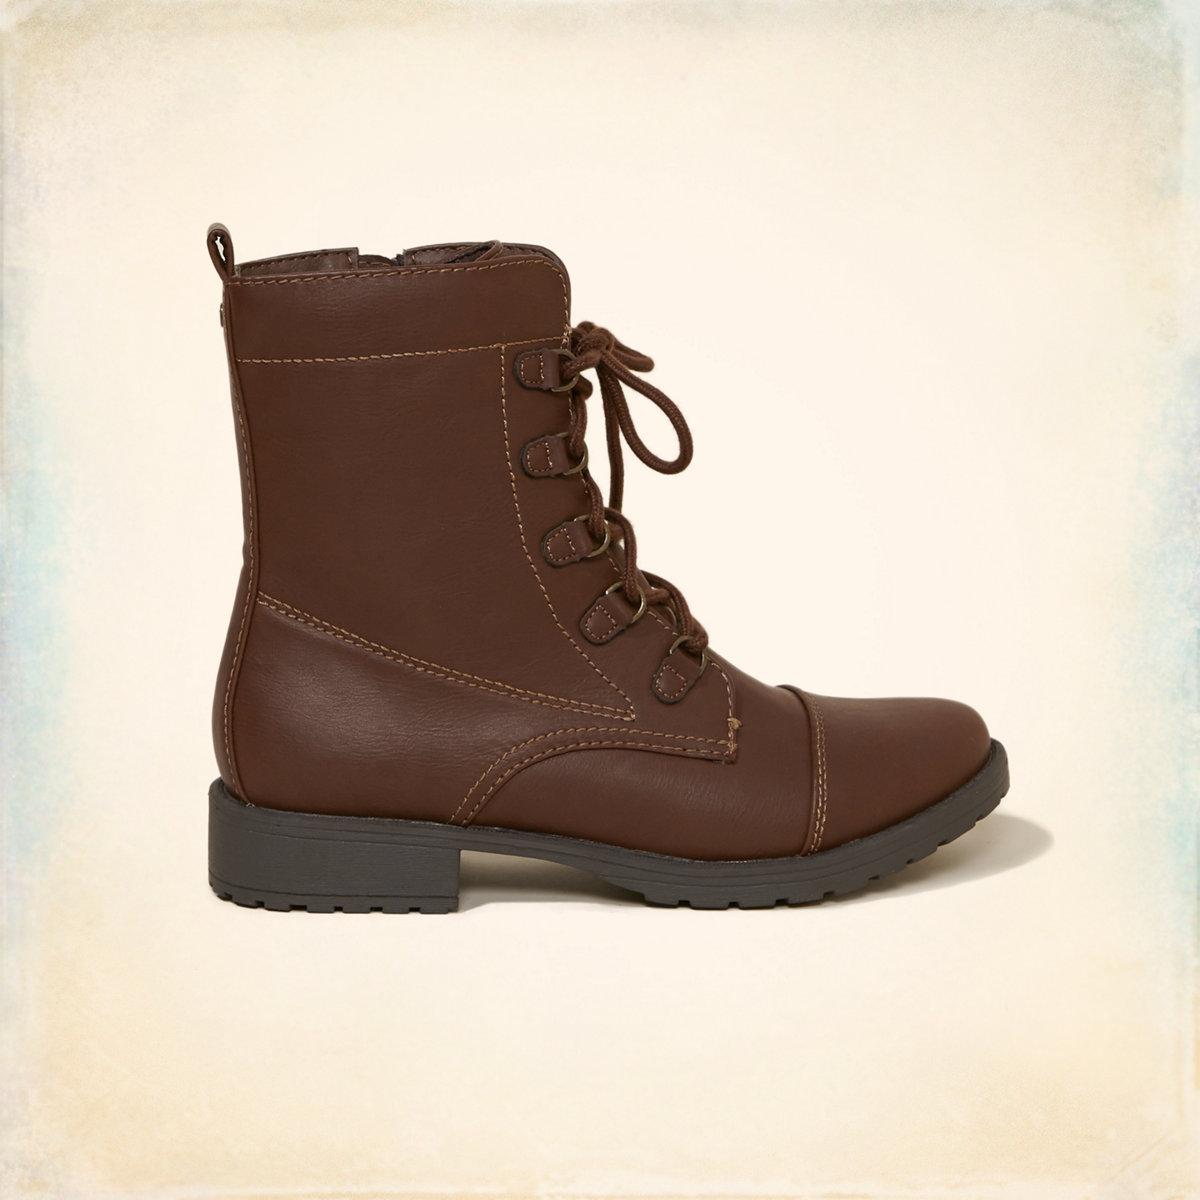 Vegan Leather Combat Boot